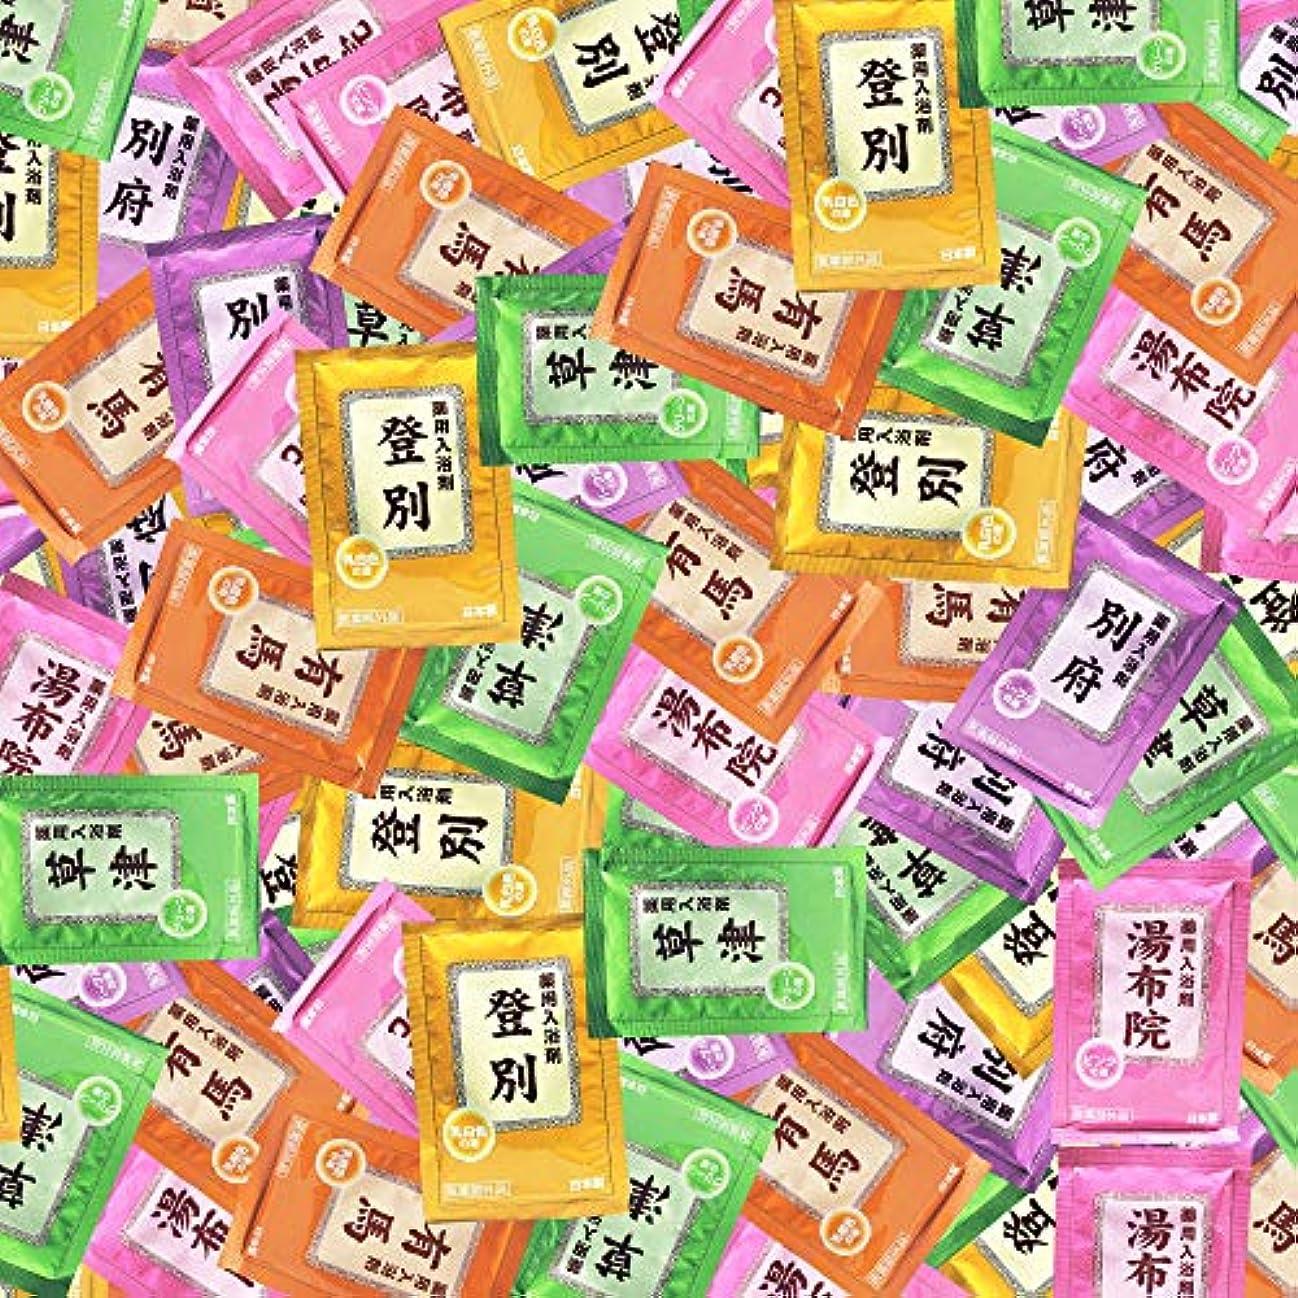 メタン間乞食入浴剤 ギフト プレゼント 湯宿めぐり 5種類 (200袋)セット